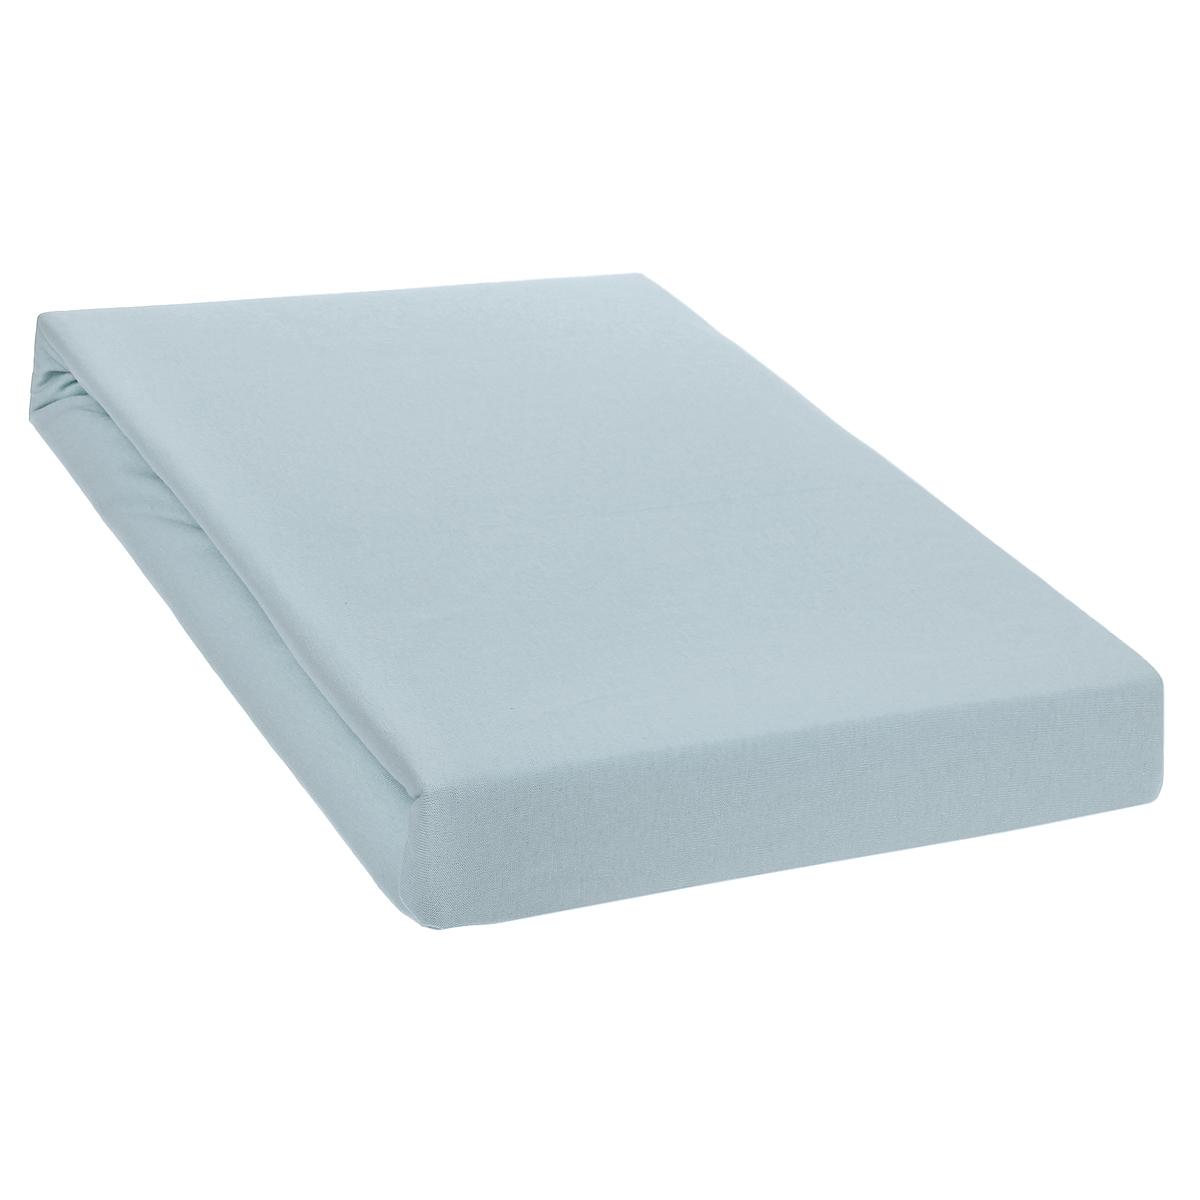 Простыня на резинке Tete-a-Tete, цвет: жемчуг, 90 х 200 смТ-ПР-3040Однотонная простыня на резинке Tete-a-Tete выполнена из натурального хлопка. Высочайшее качество материала гарантирует безопасность не только взрослых, но и самых маленьких членов семьи. Простыня гармонично впишется в интерьер вашего дома и создаст атмосферу уюта и комфорта. Особенности коллекции Tete-a-Tete: - выдерживает более 100 стирок практически без изменения внешнего вида, - модные цвета и стойкие оттенки, - минимальная усадка, - надежные резинки и износостойкая ткань, - безупречное качество, - гиппоаллергенно. Коллекция Tete-a-Tete специально создана для практичных людей, которые ценят качество и долговечность вещей, окружают своих близких теплотой и заботой.